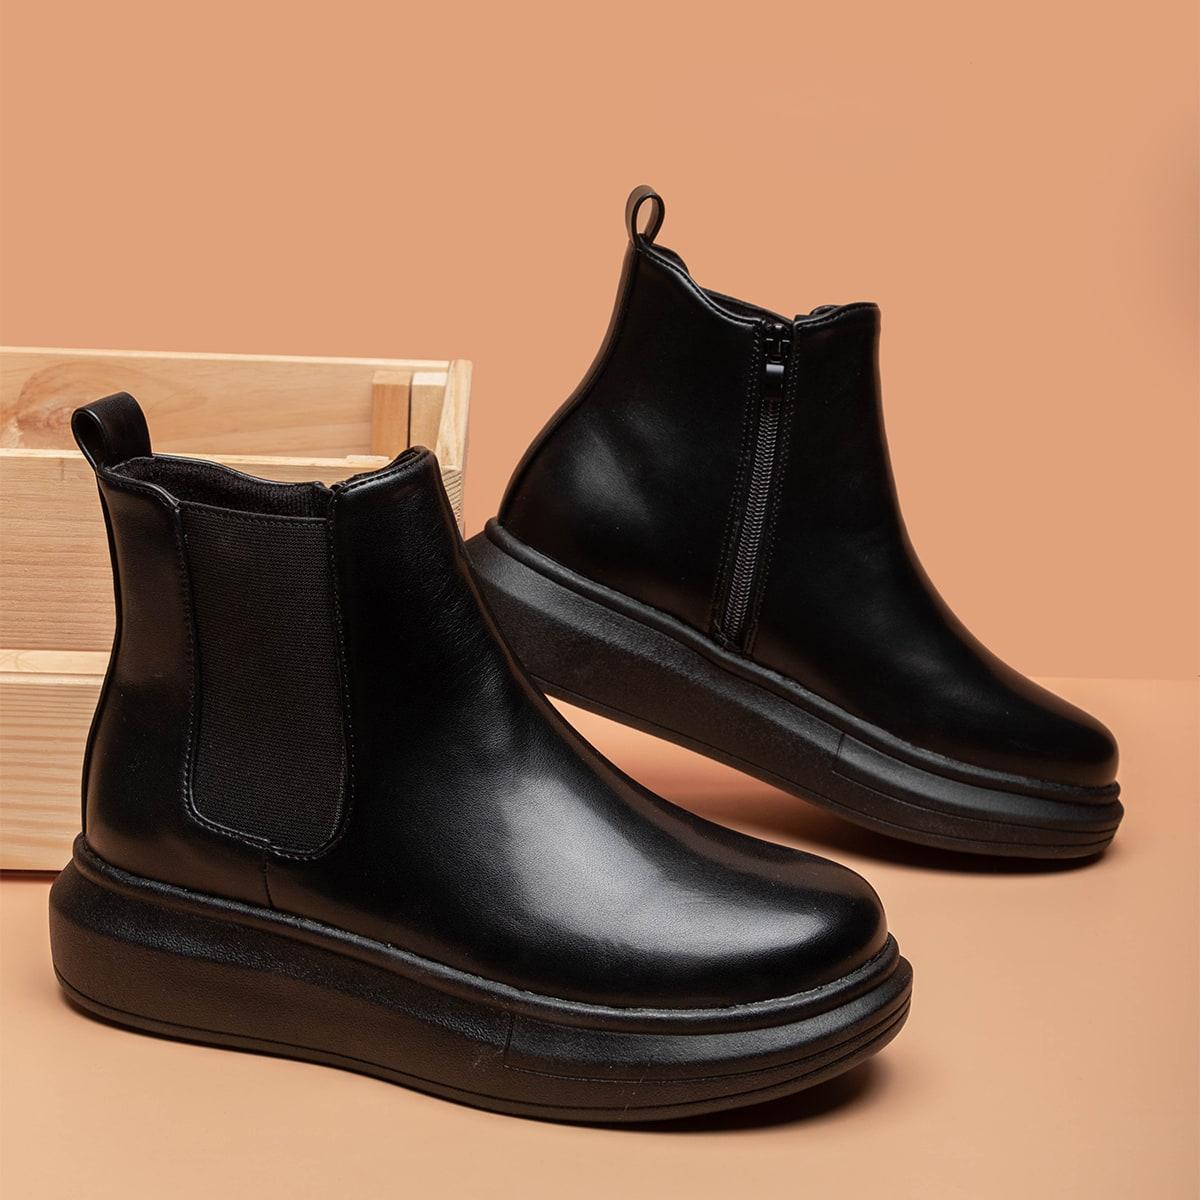 SHEIN / Minimalistische Chelsea Stiefel mit Reißverschluss